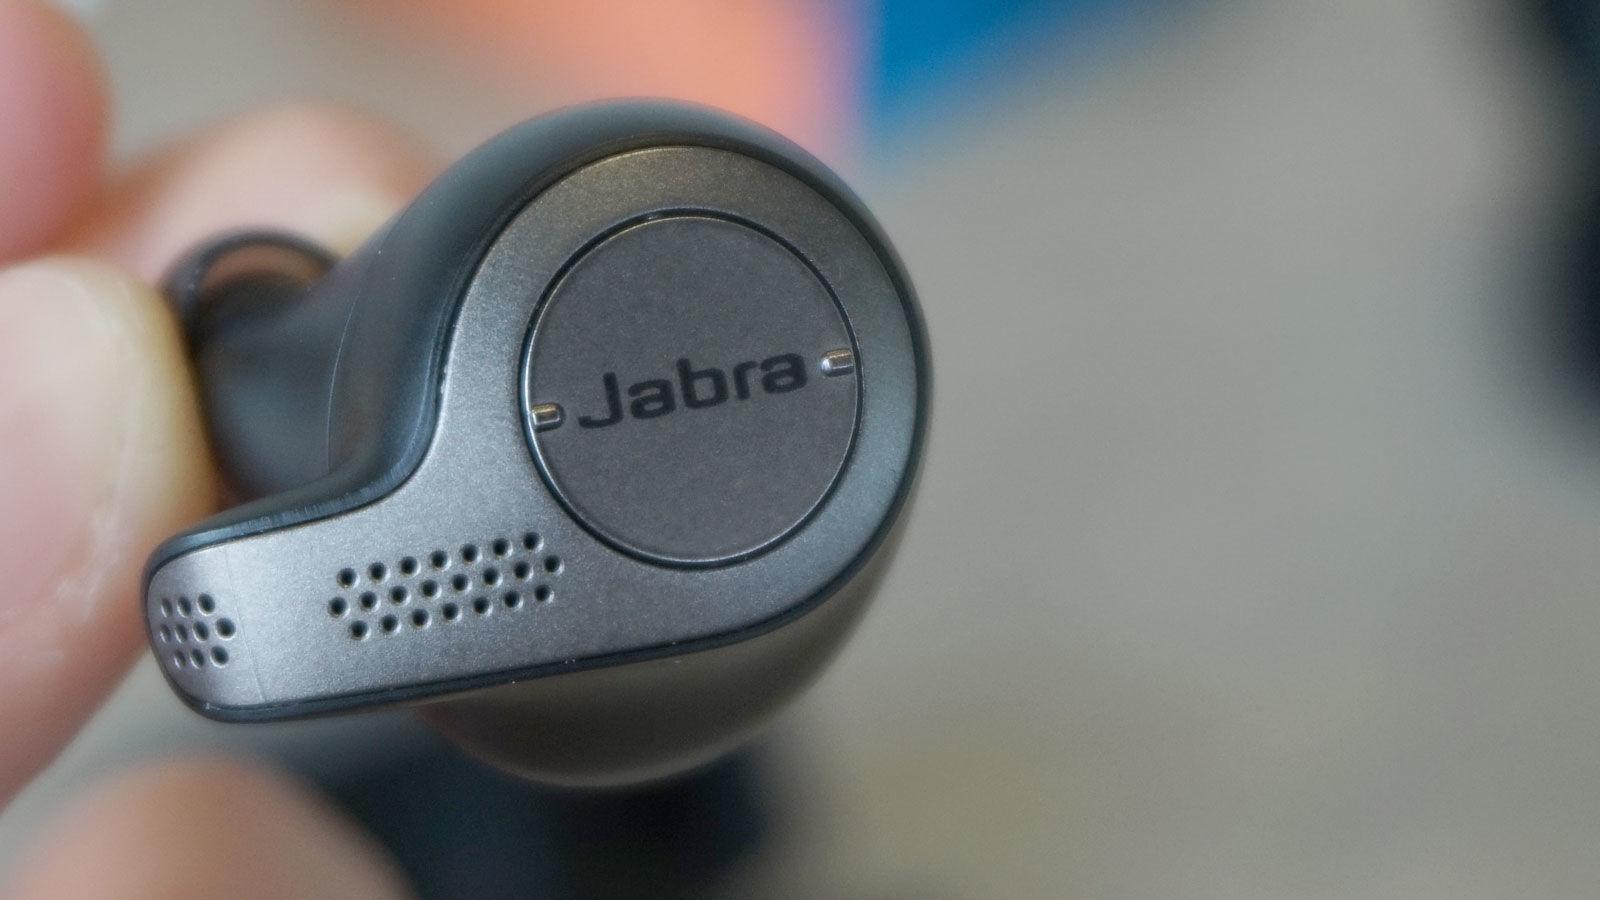 jabra-elite-65t-buttons